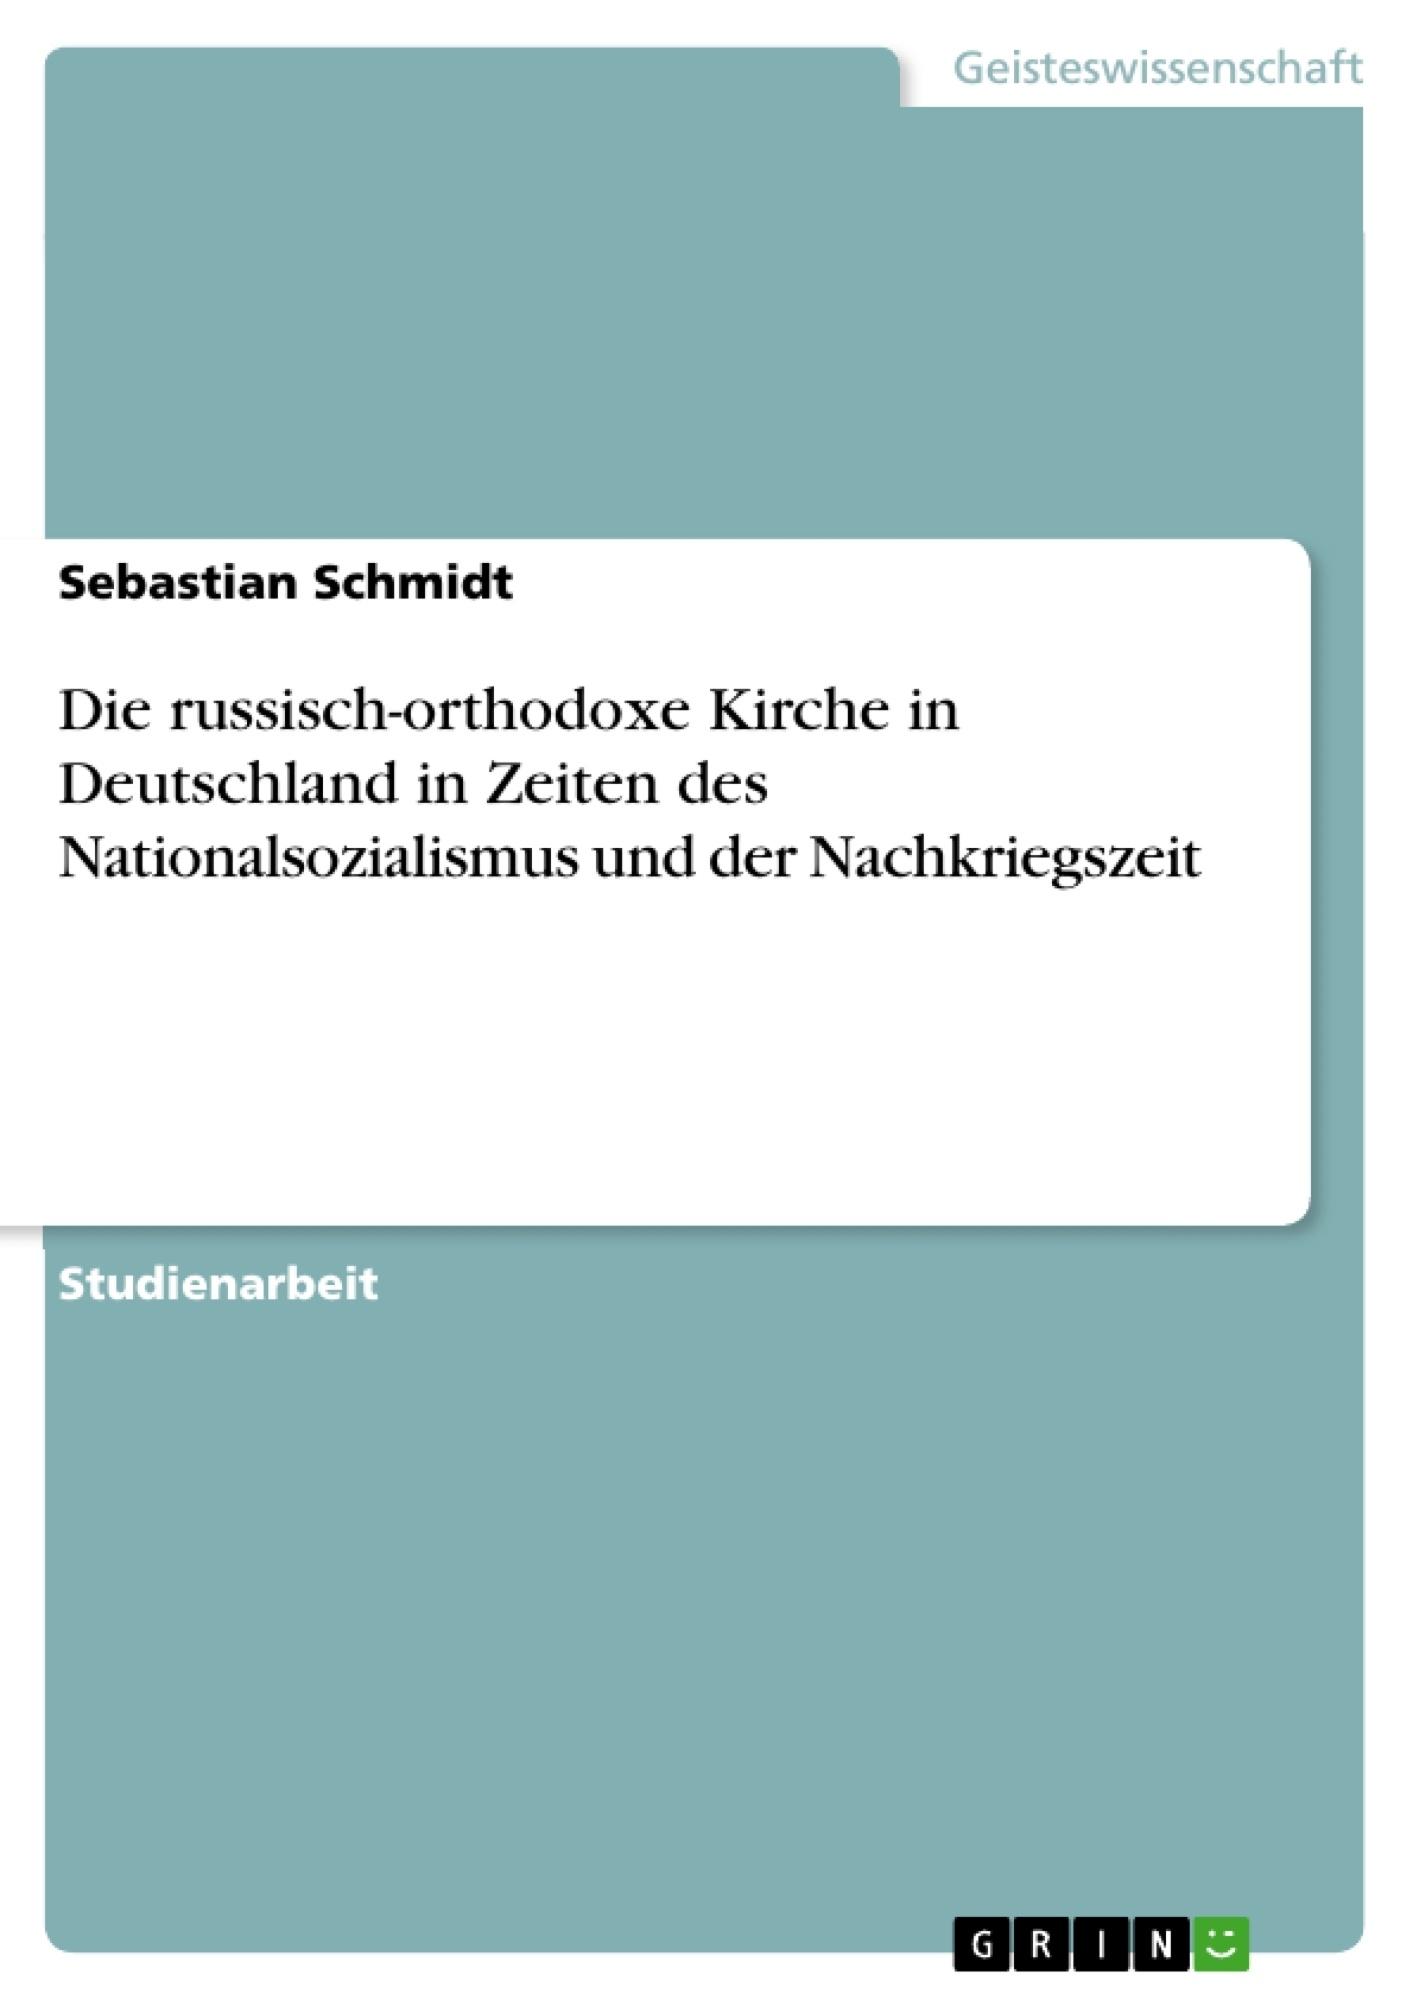 Titel: Die russisch-orthodoxe Kirche in Deutschland in Zeiten des Nationalsozialismus und der Nachkriegszeit